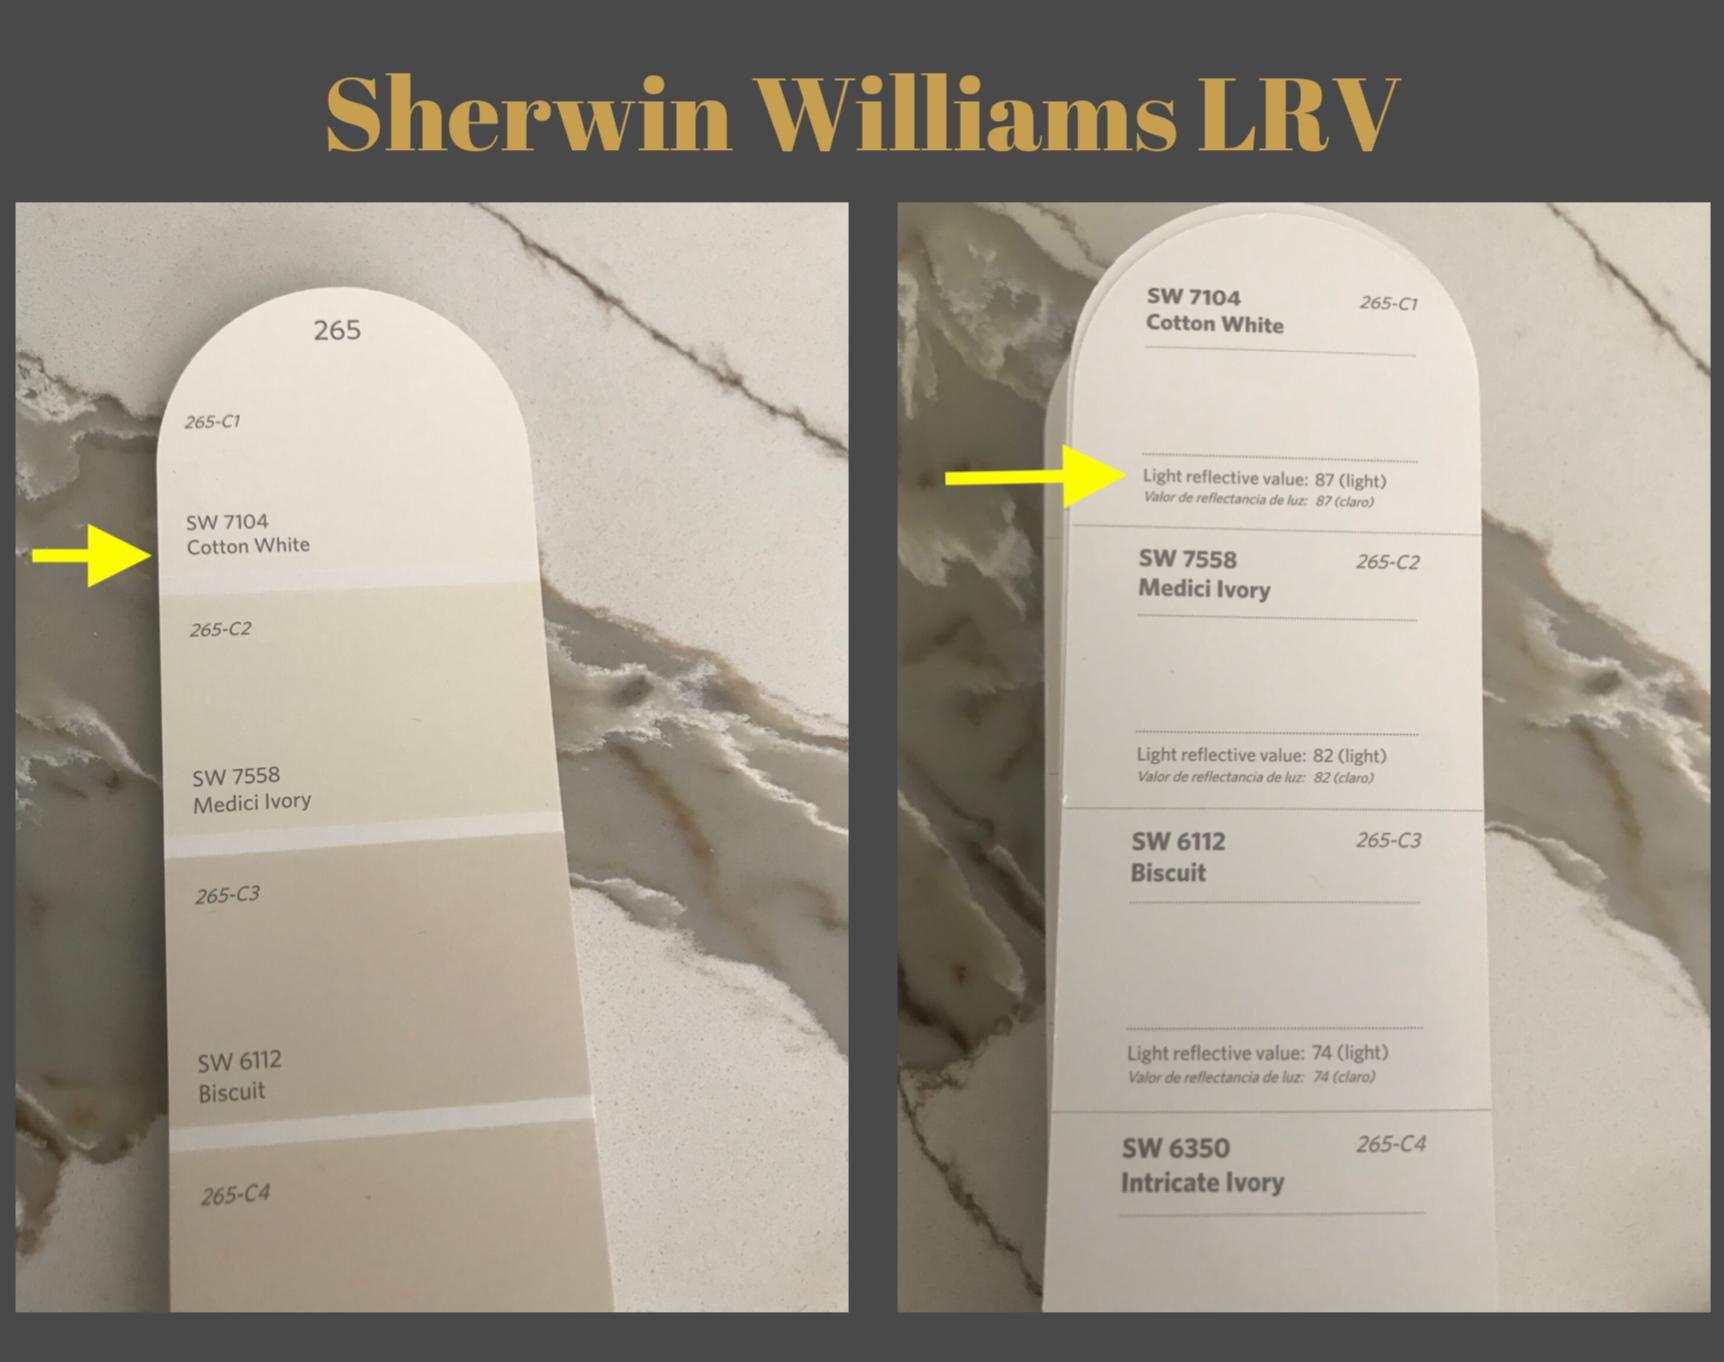 Sherwin Williams LRV